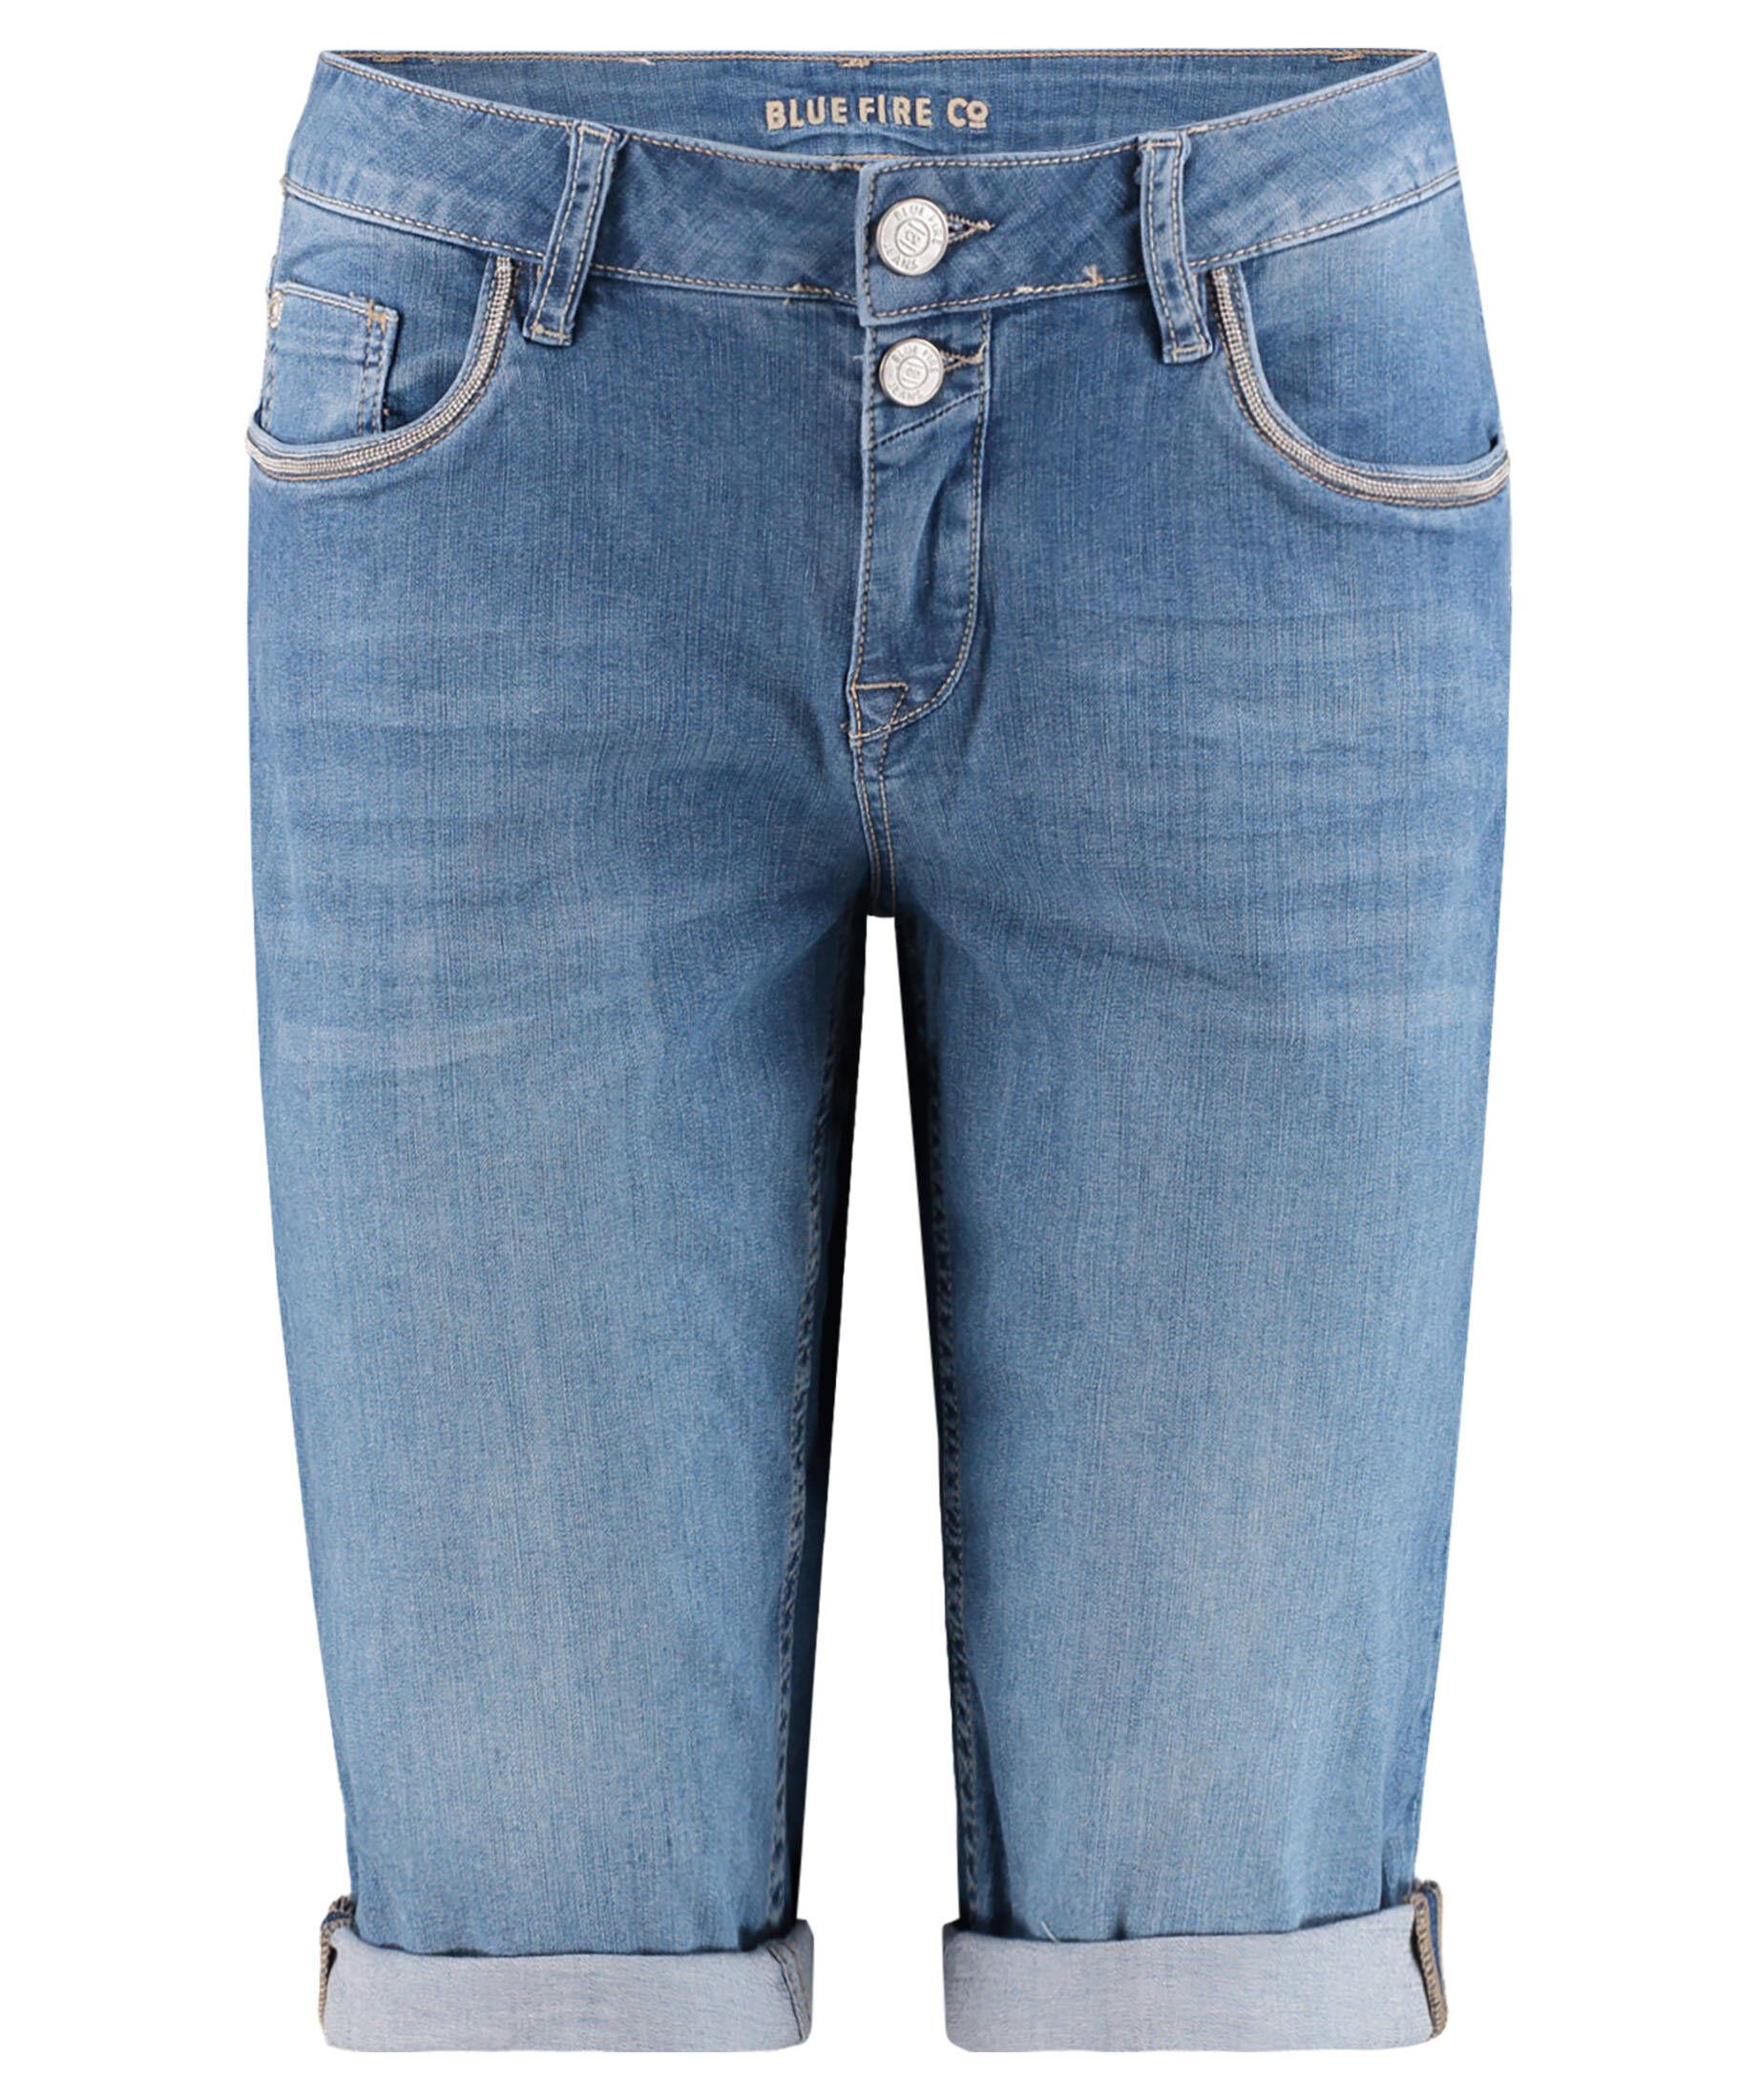 Shortsamp; Bermudas Shortsamp; Engelhorn Fashion Bermudas FJK3l5T1cu